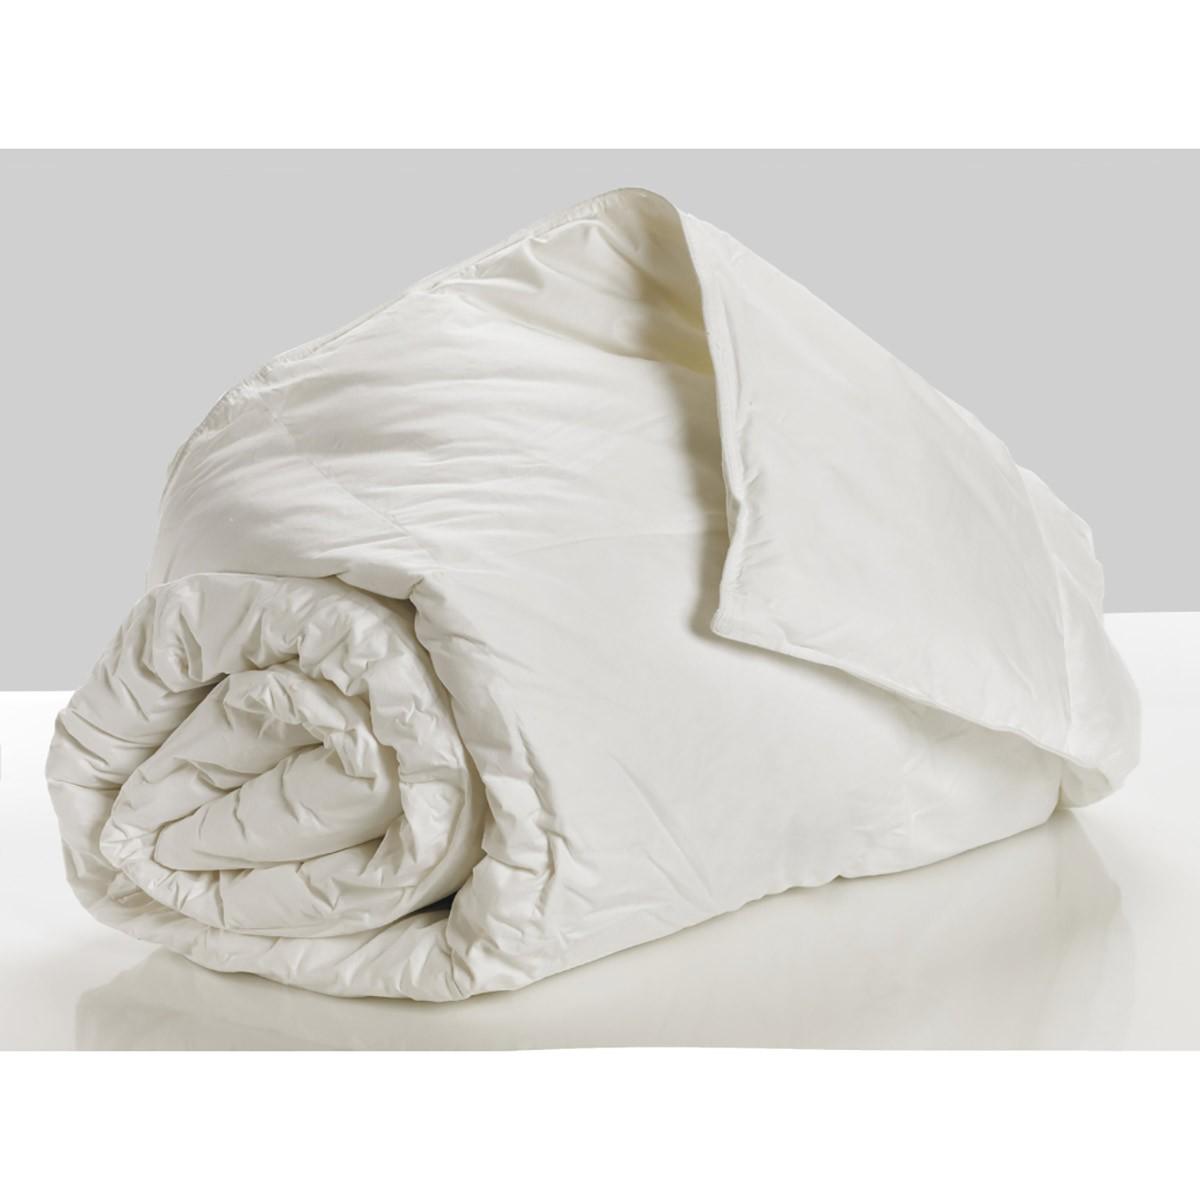 Πάπλωμα Υπέρδιπλο Palamaiki Blank Cotton home   κρεβατοκάμαρα   παπλώματα   παπλώματα λευκά